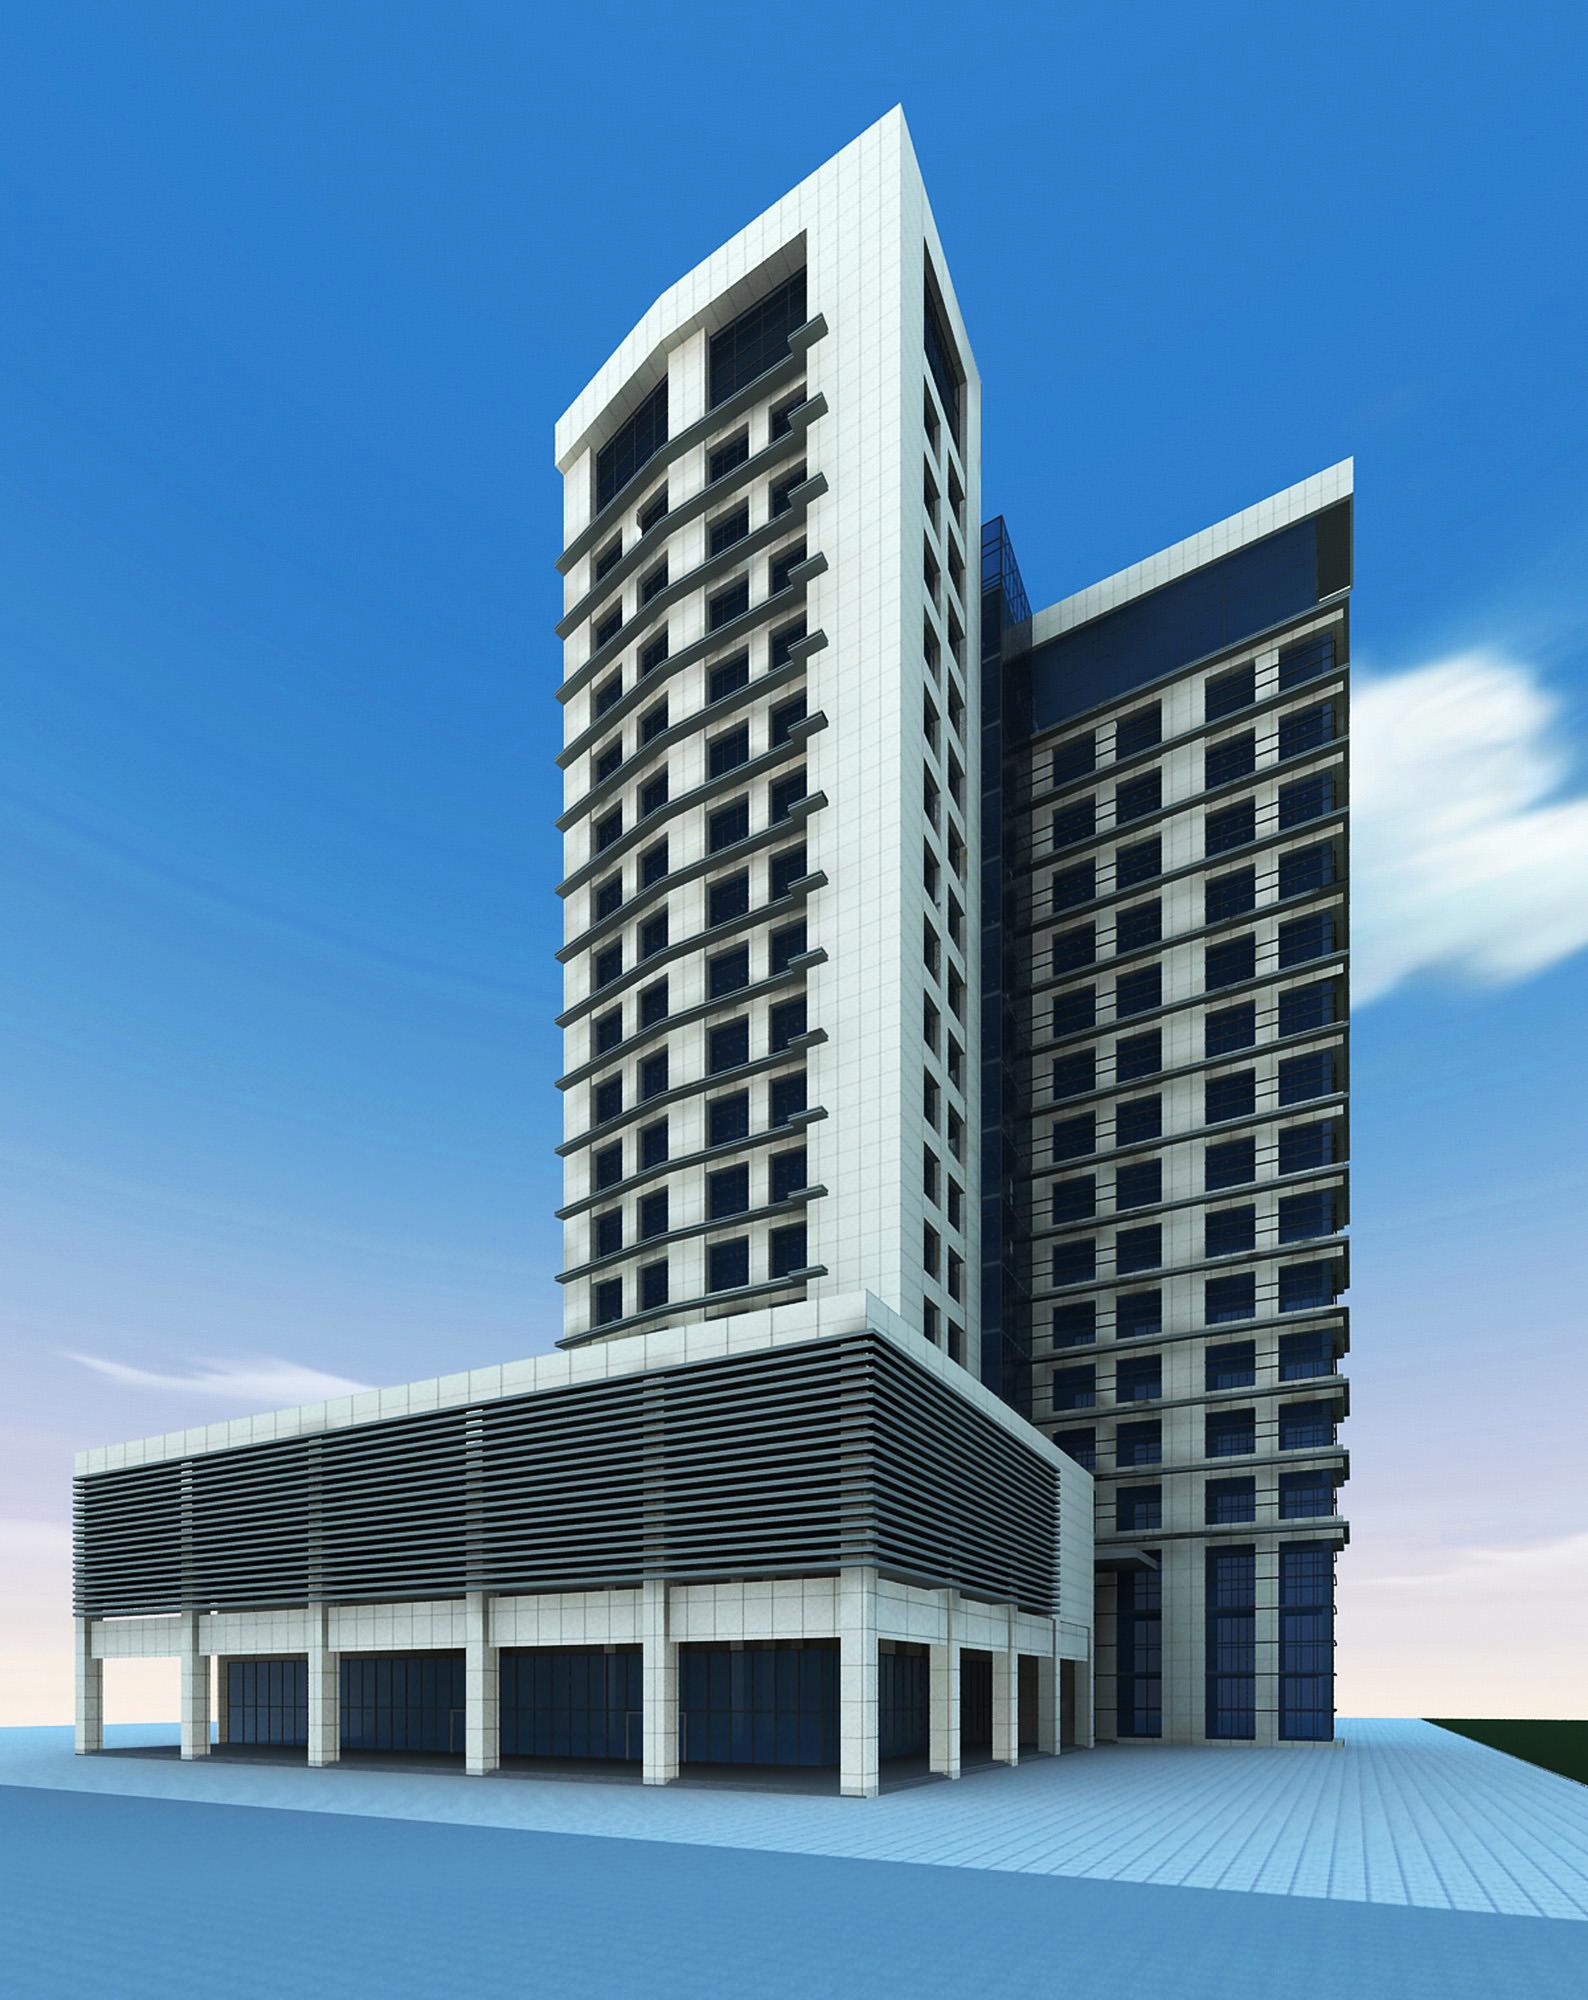 3d building 125 3d model max for 3d max building